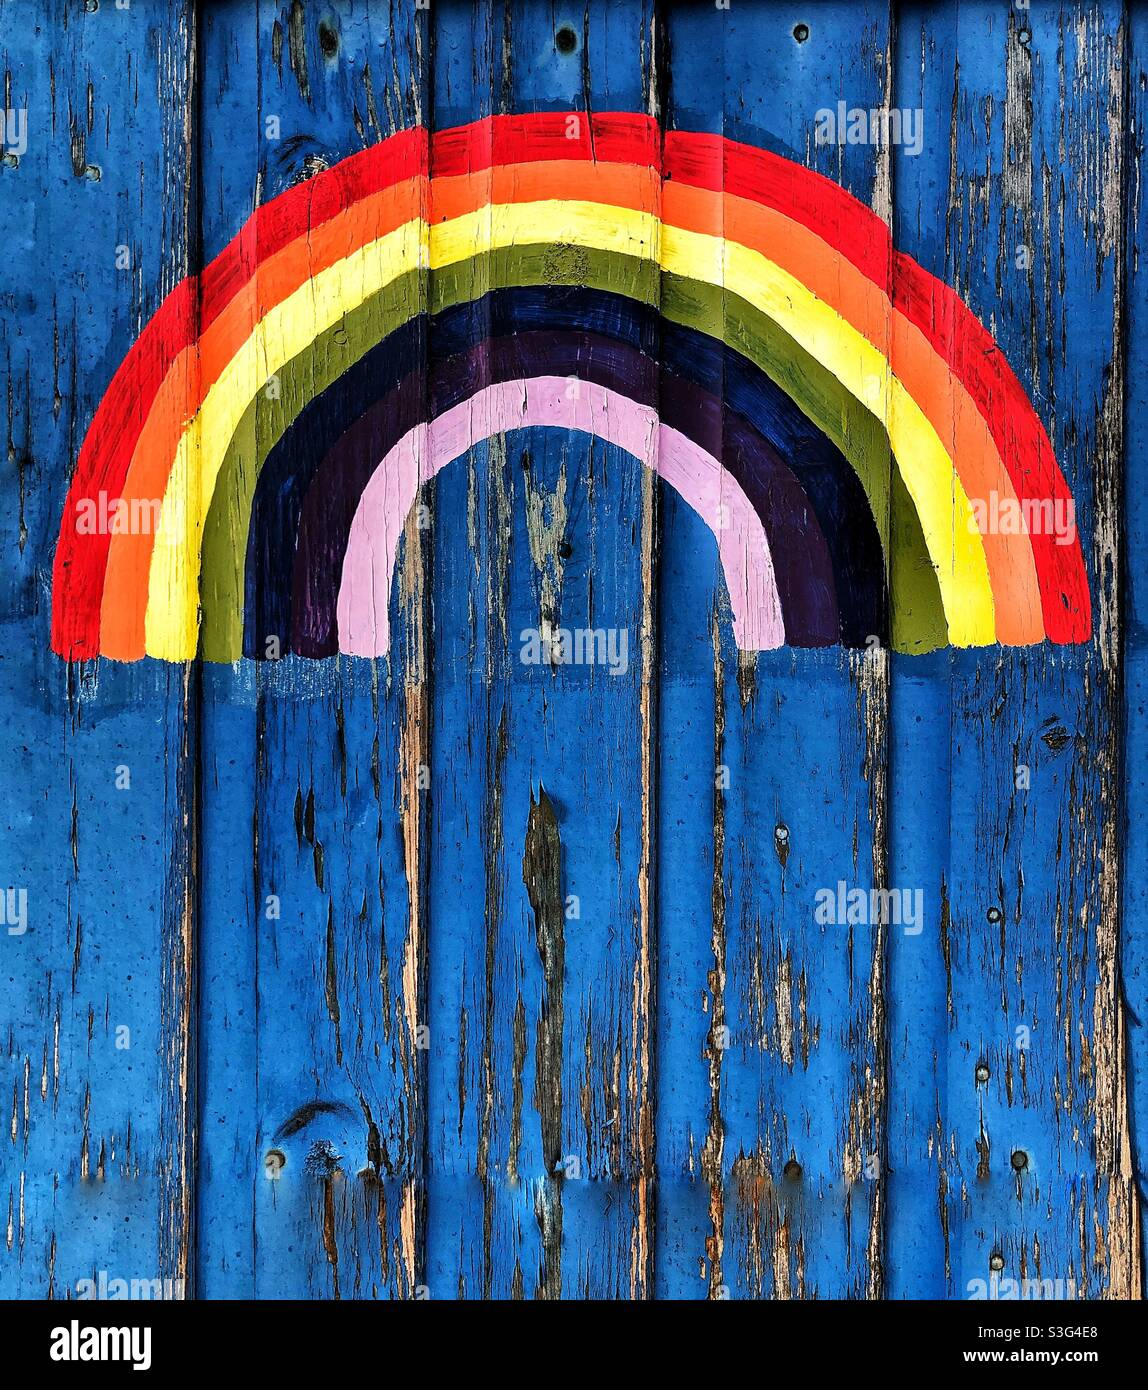 Ein farbenfroher Regenbogen, der auf eine strukturierte Holztür gemalt wurde, von Kindern, die dem britischen Gesundheitsministerium danken Stockfoto